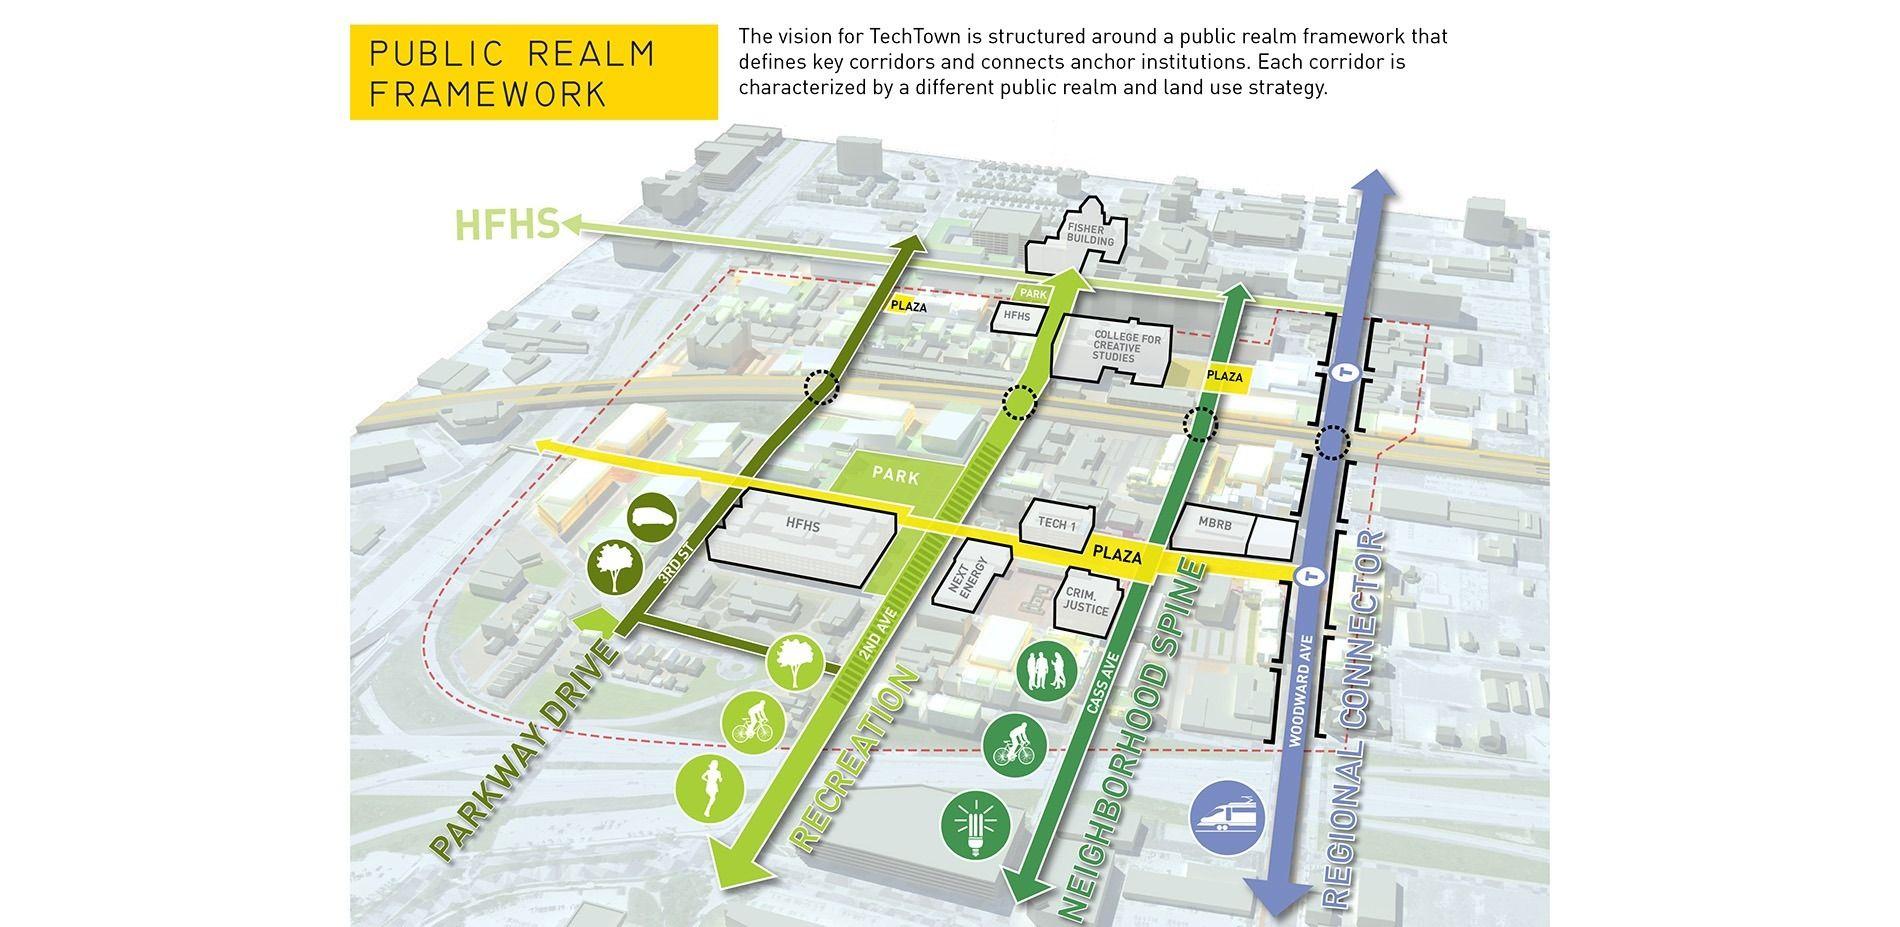 Public Realm Framework